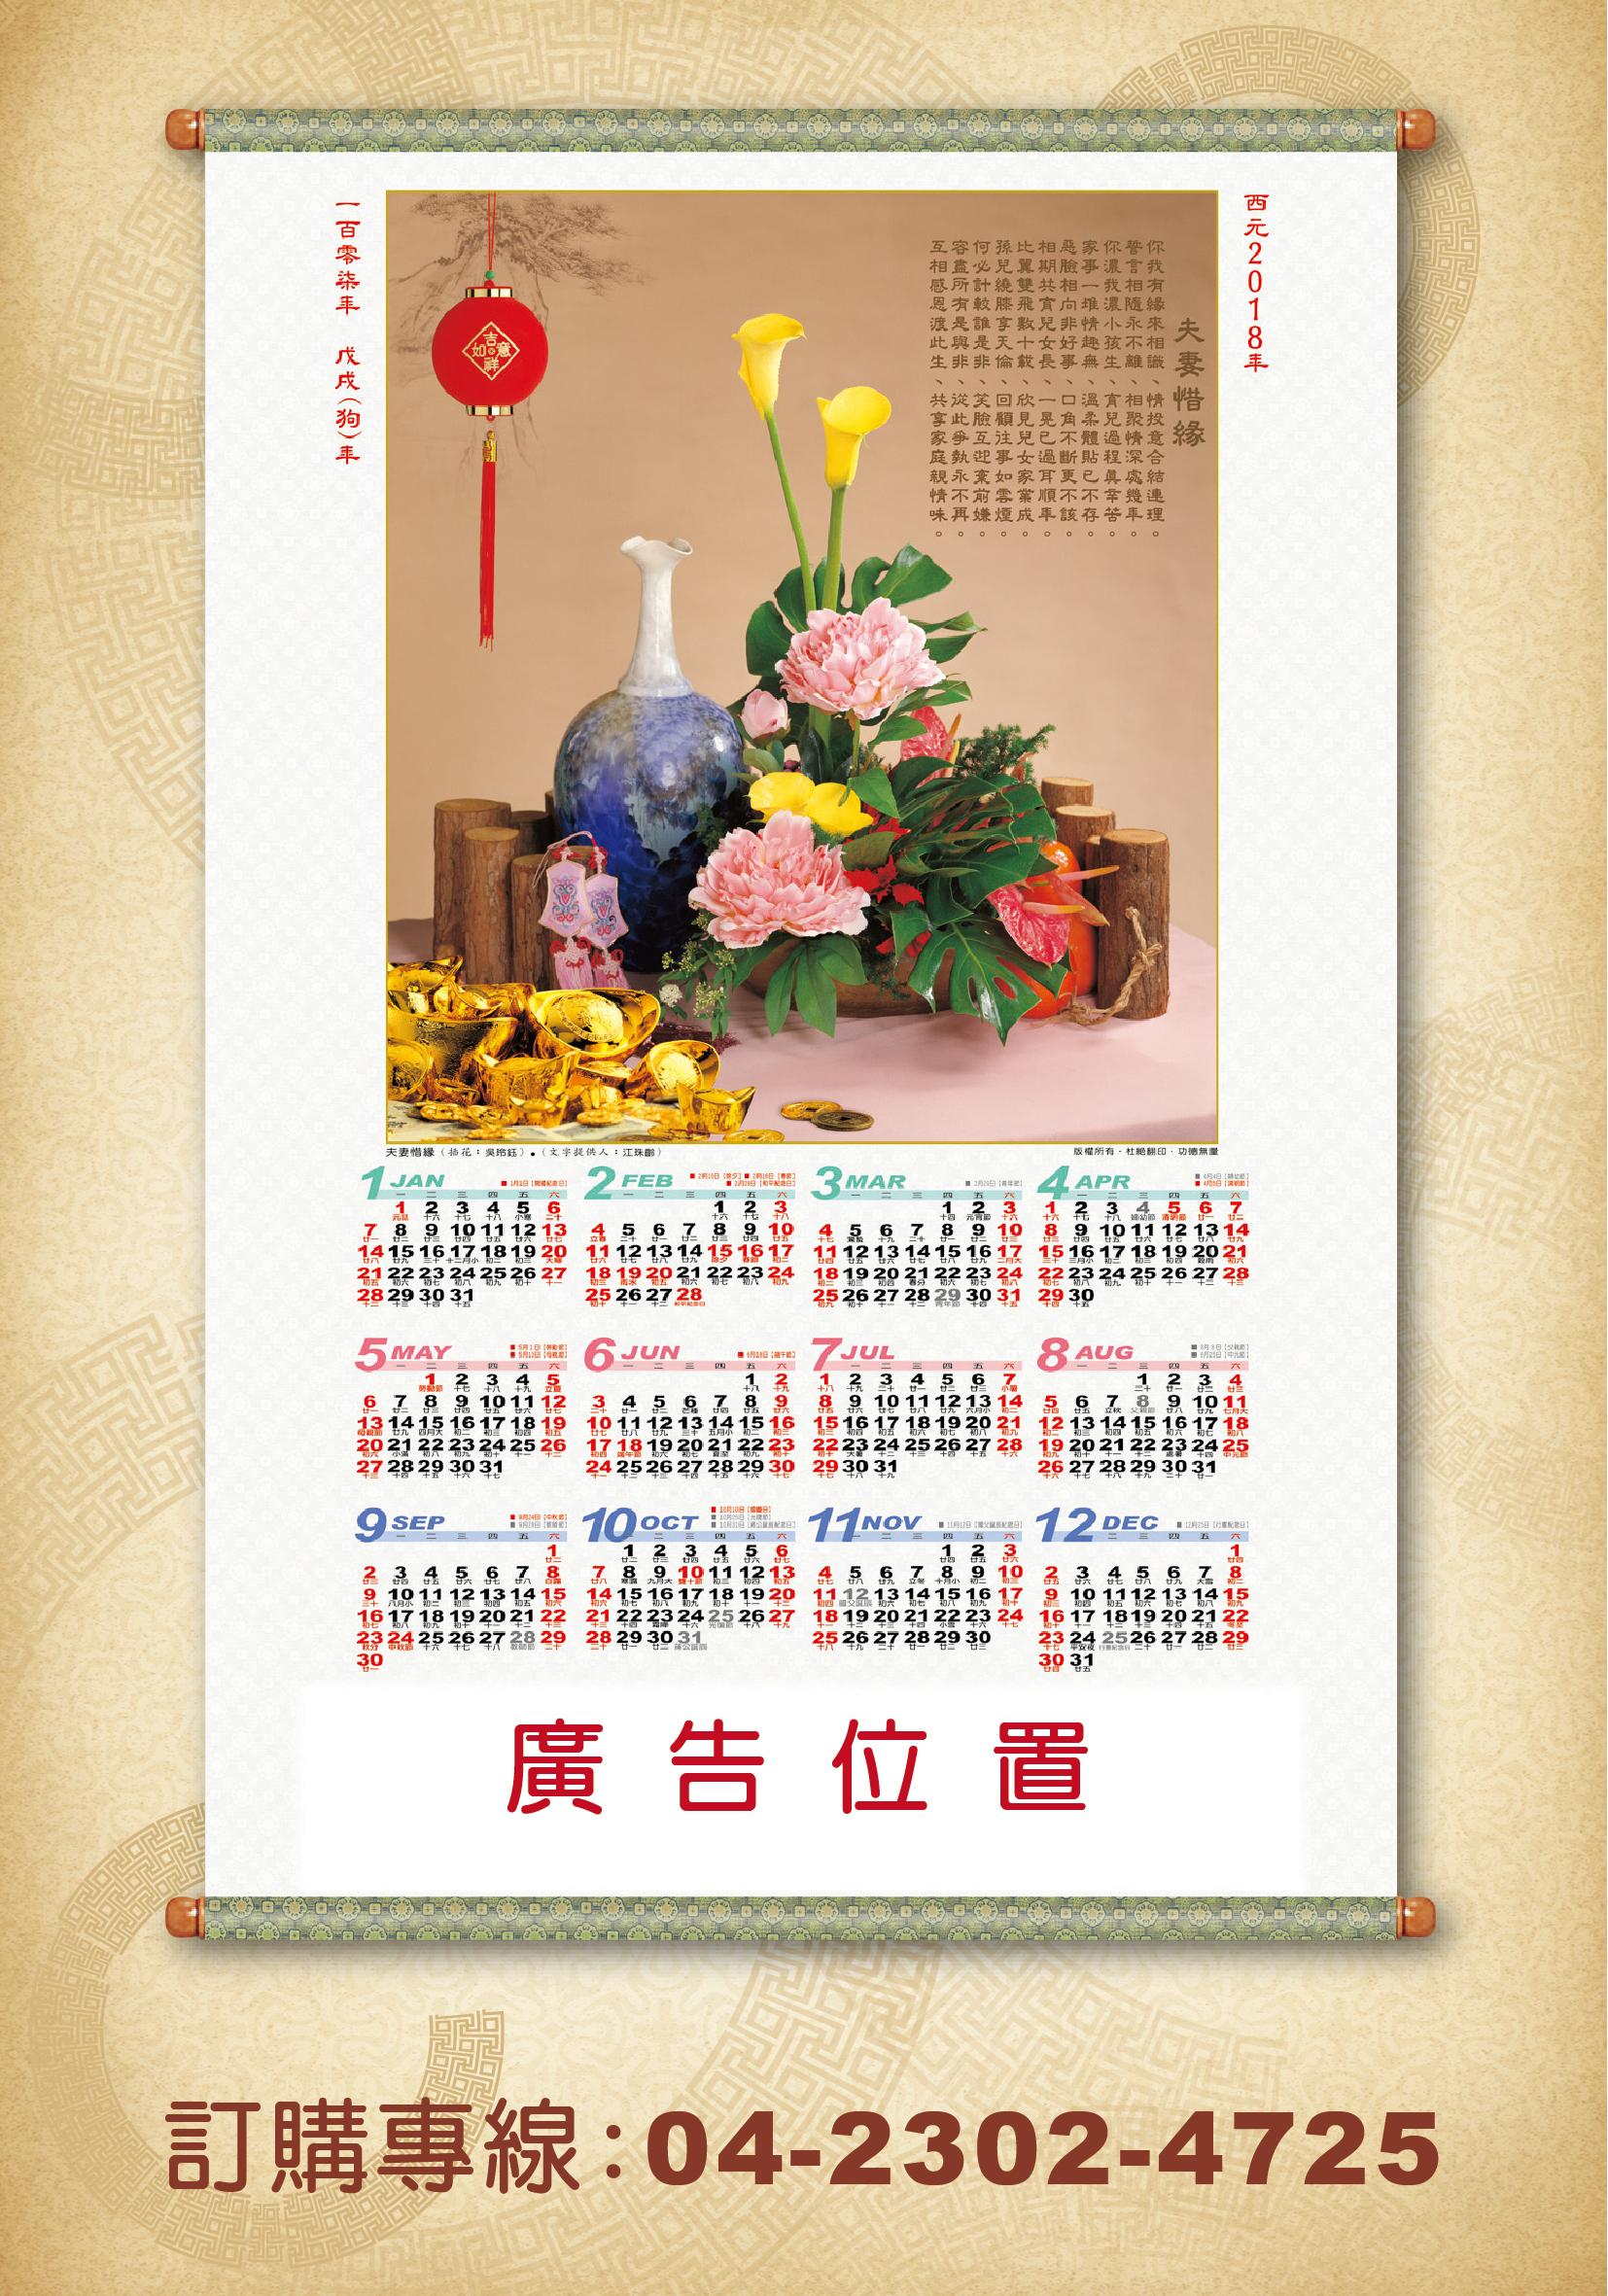 107-F 夫妻惜緣